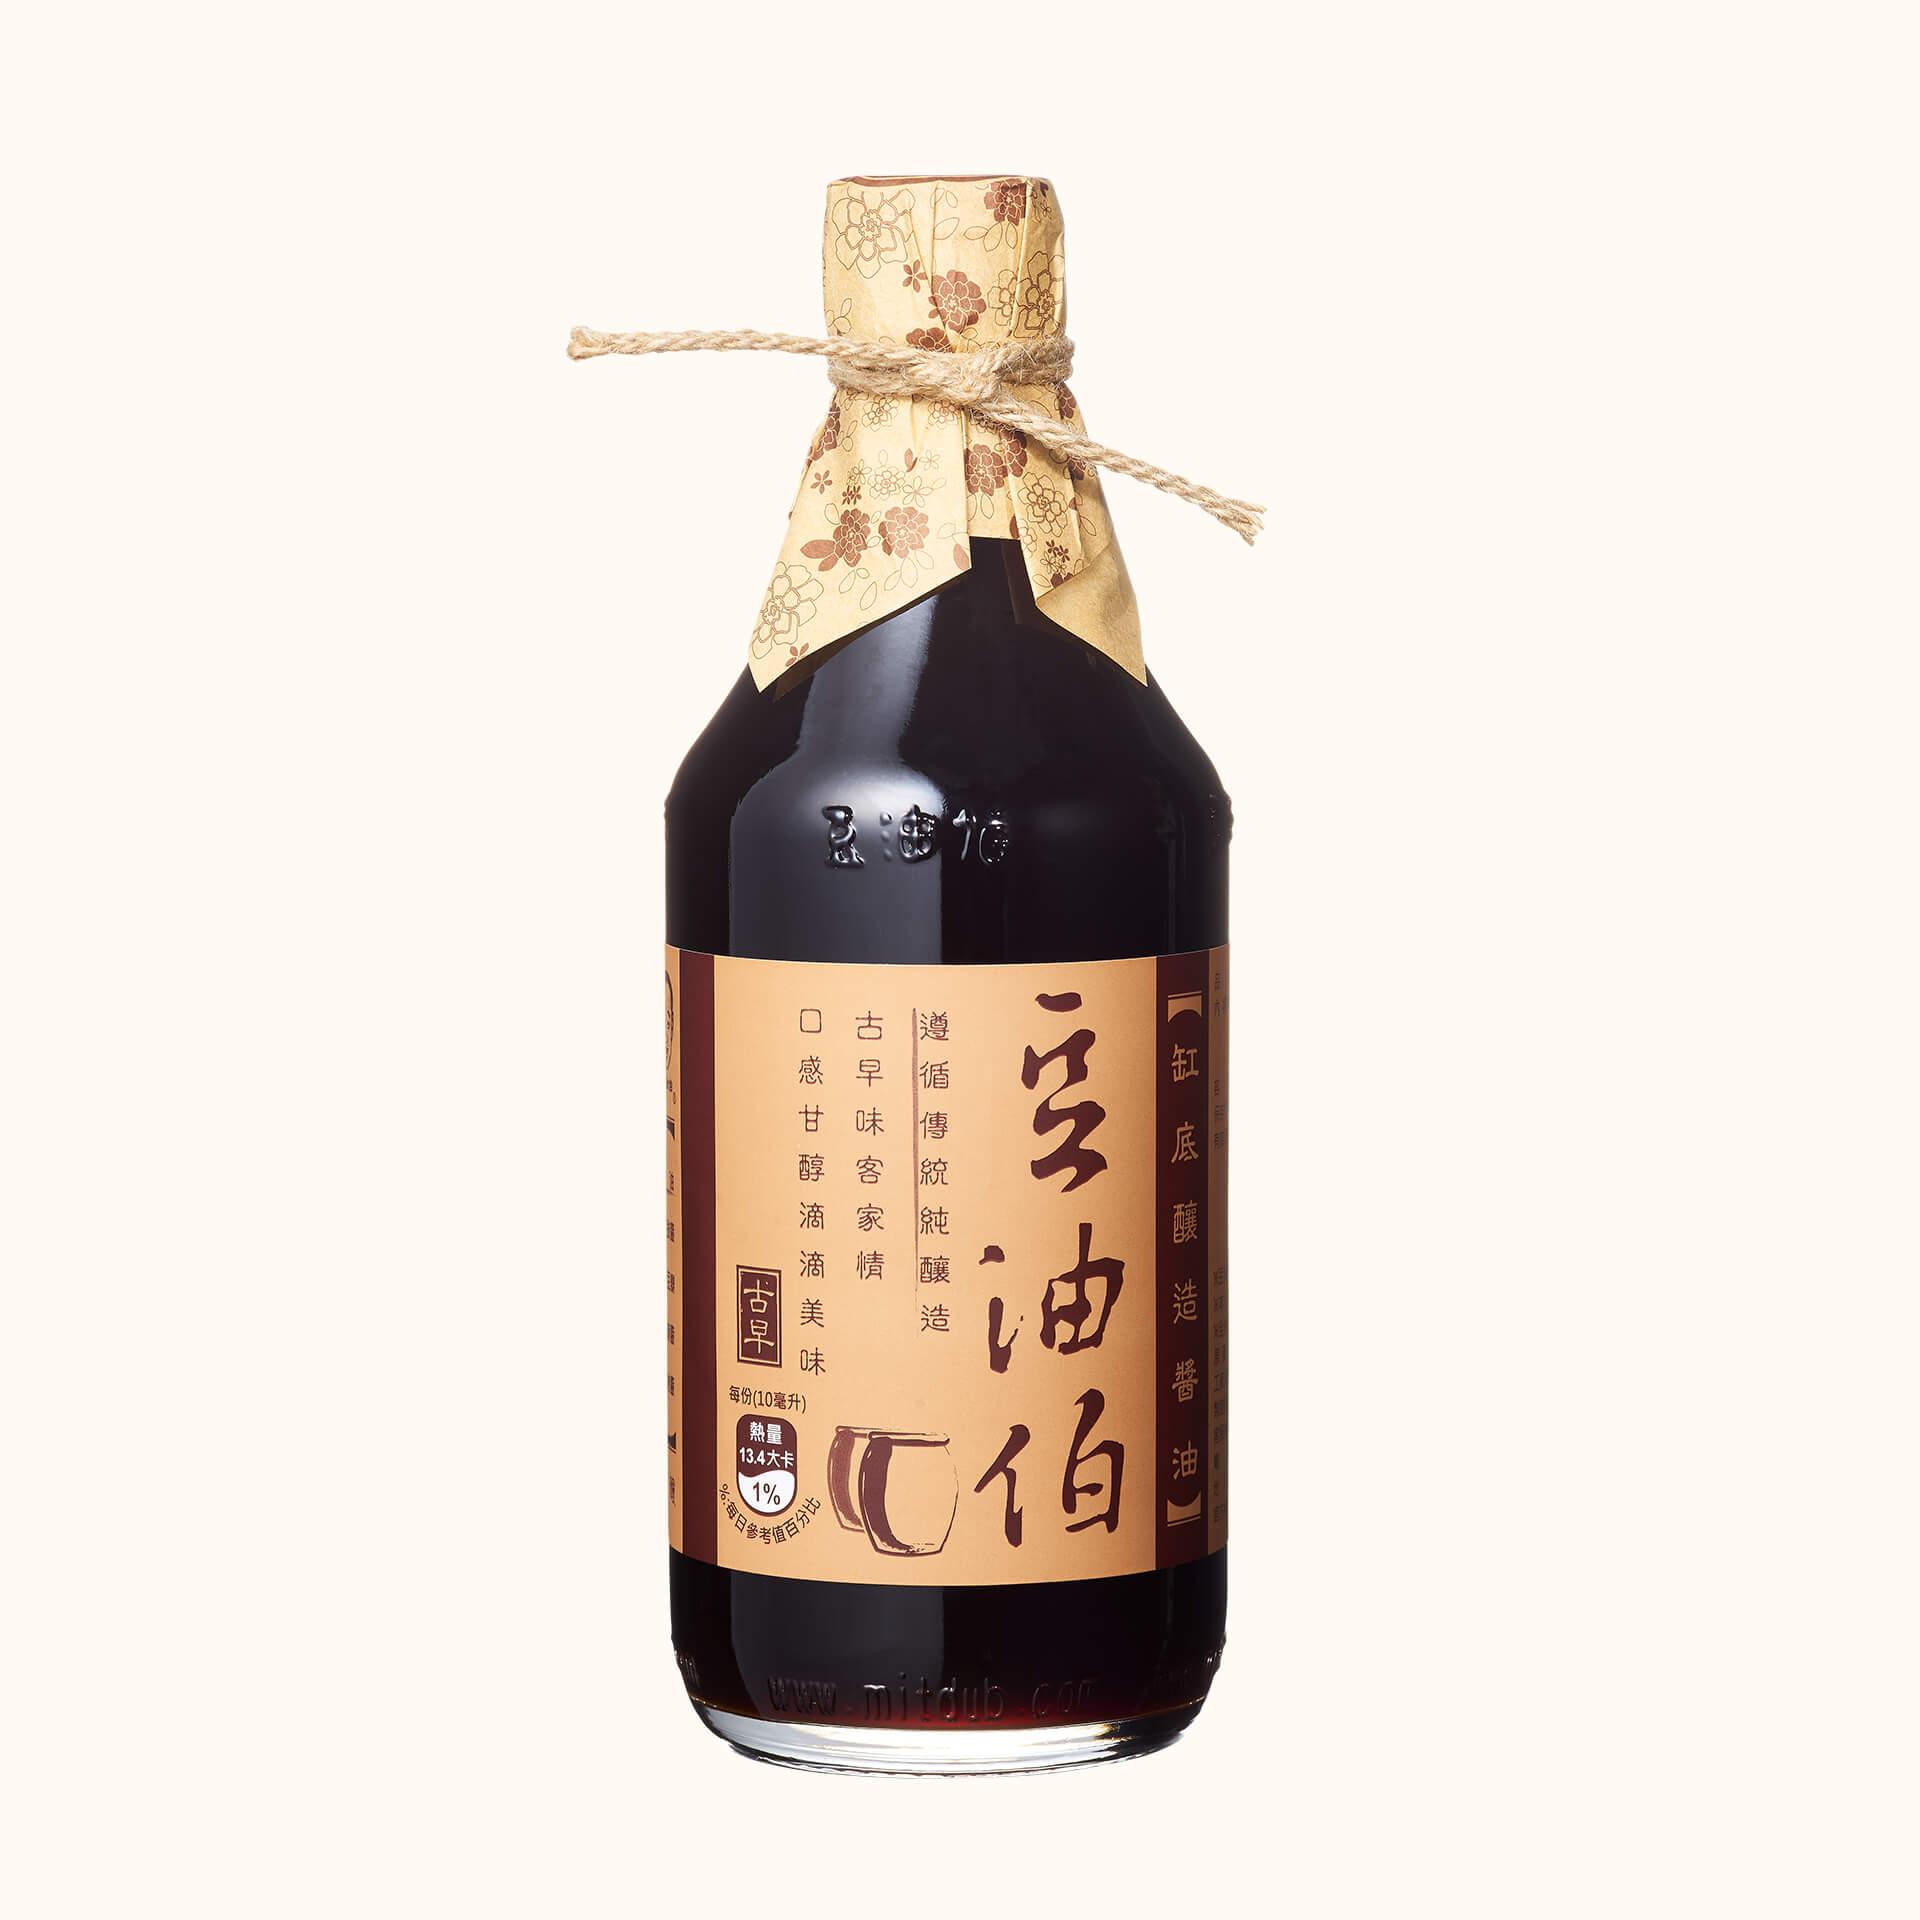 【年節好禮袋】缸底醬油4入+甘田醬油4入+金美滿醬油4入(共12入)送復古花袋4個(不挑色)